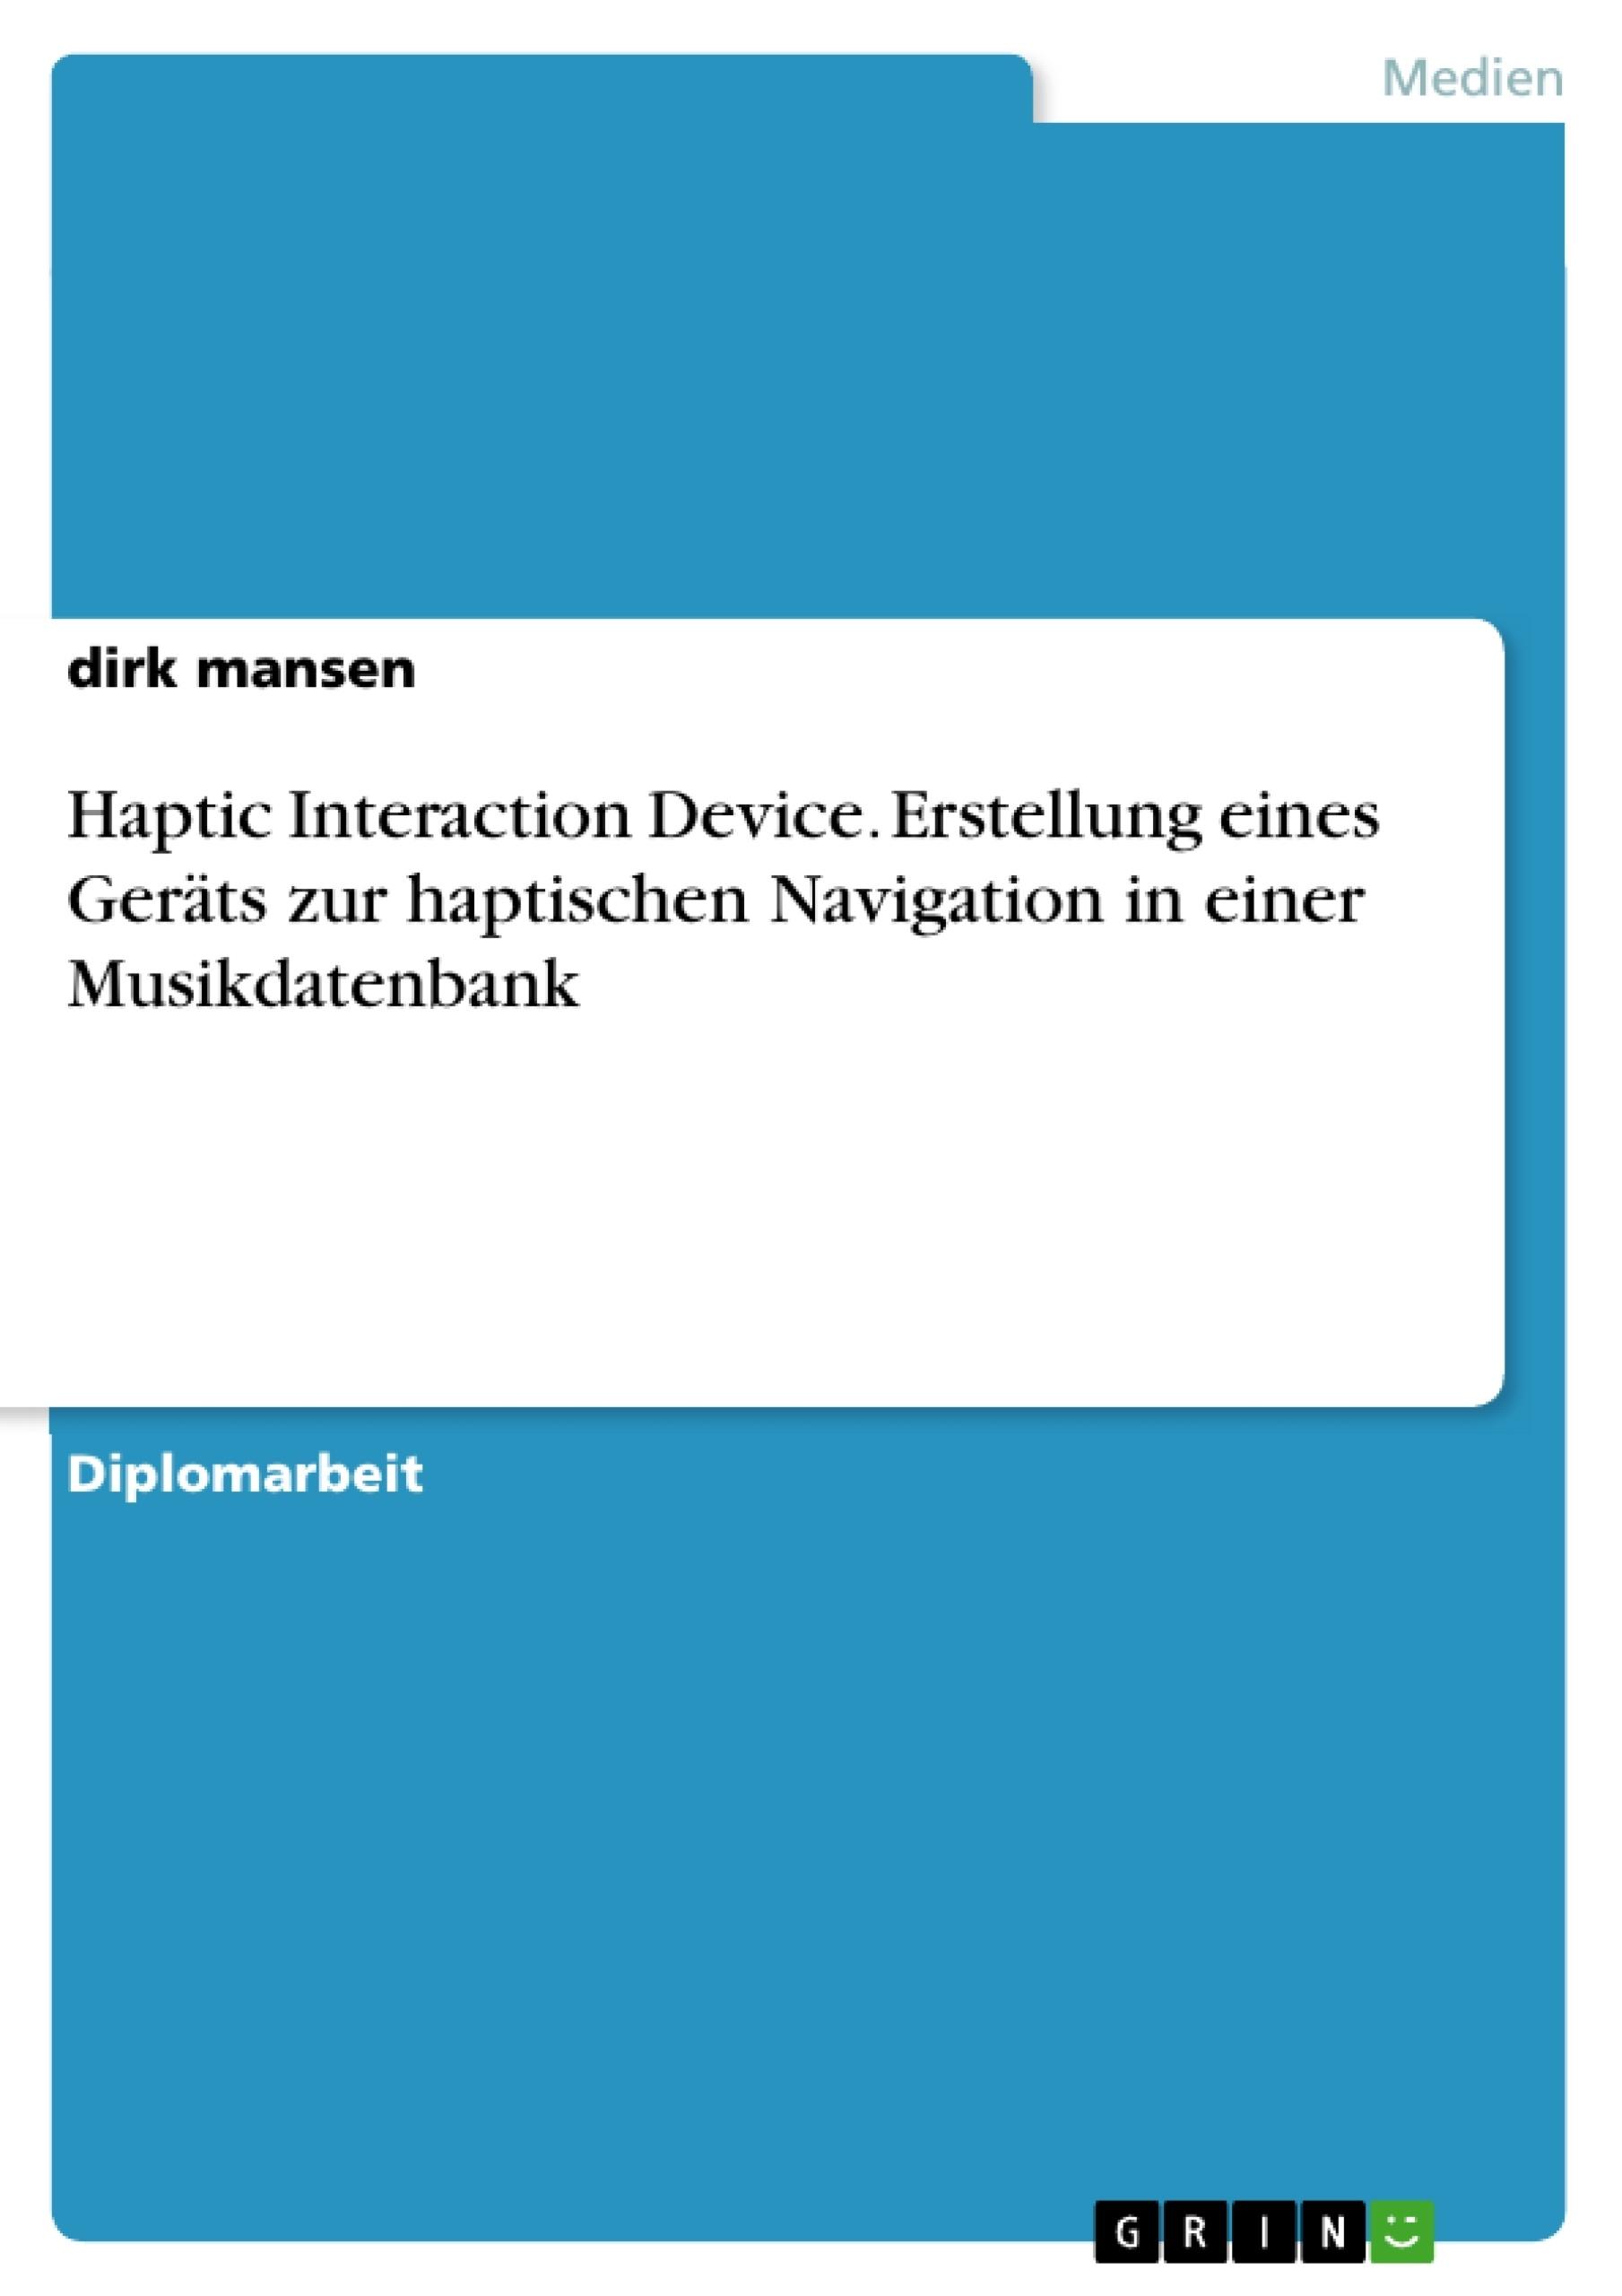 Titel: Haptic Interaction Device. Erstellung eines Geräts zur haptischen Navigation in einer Musikdatenbank